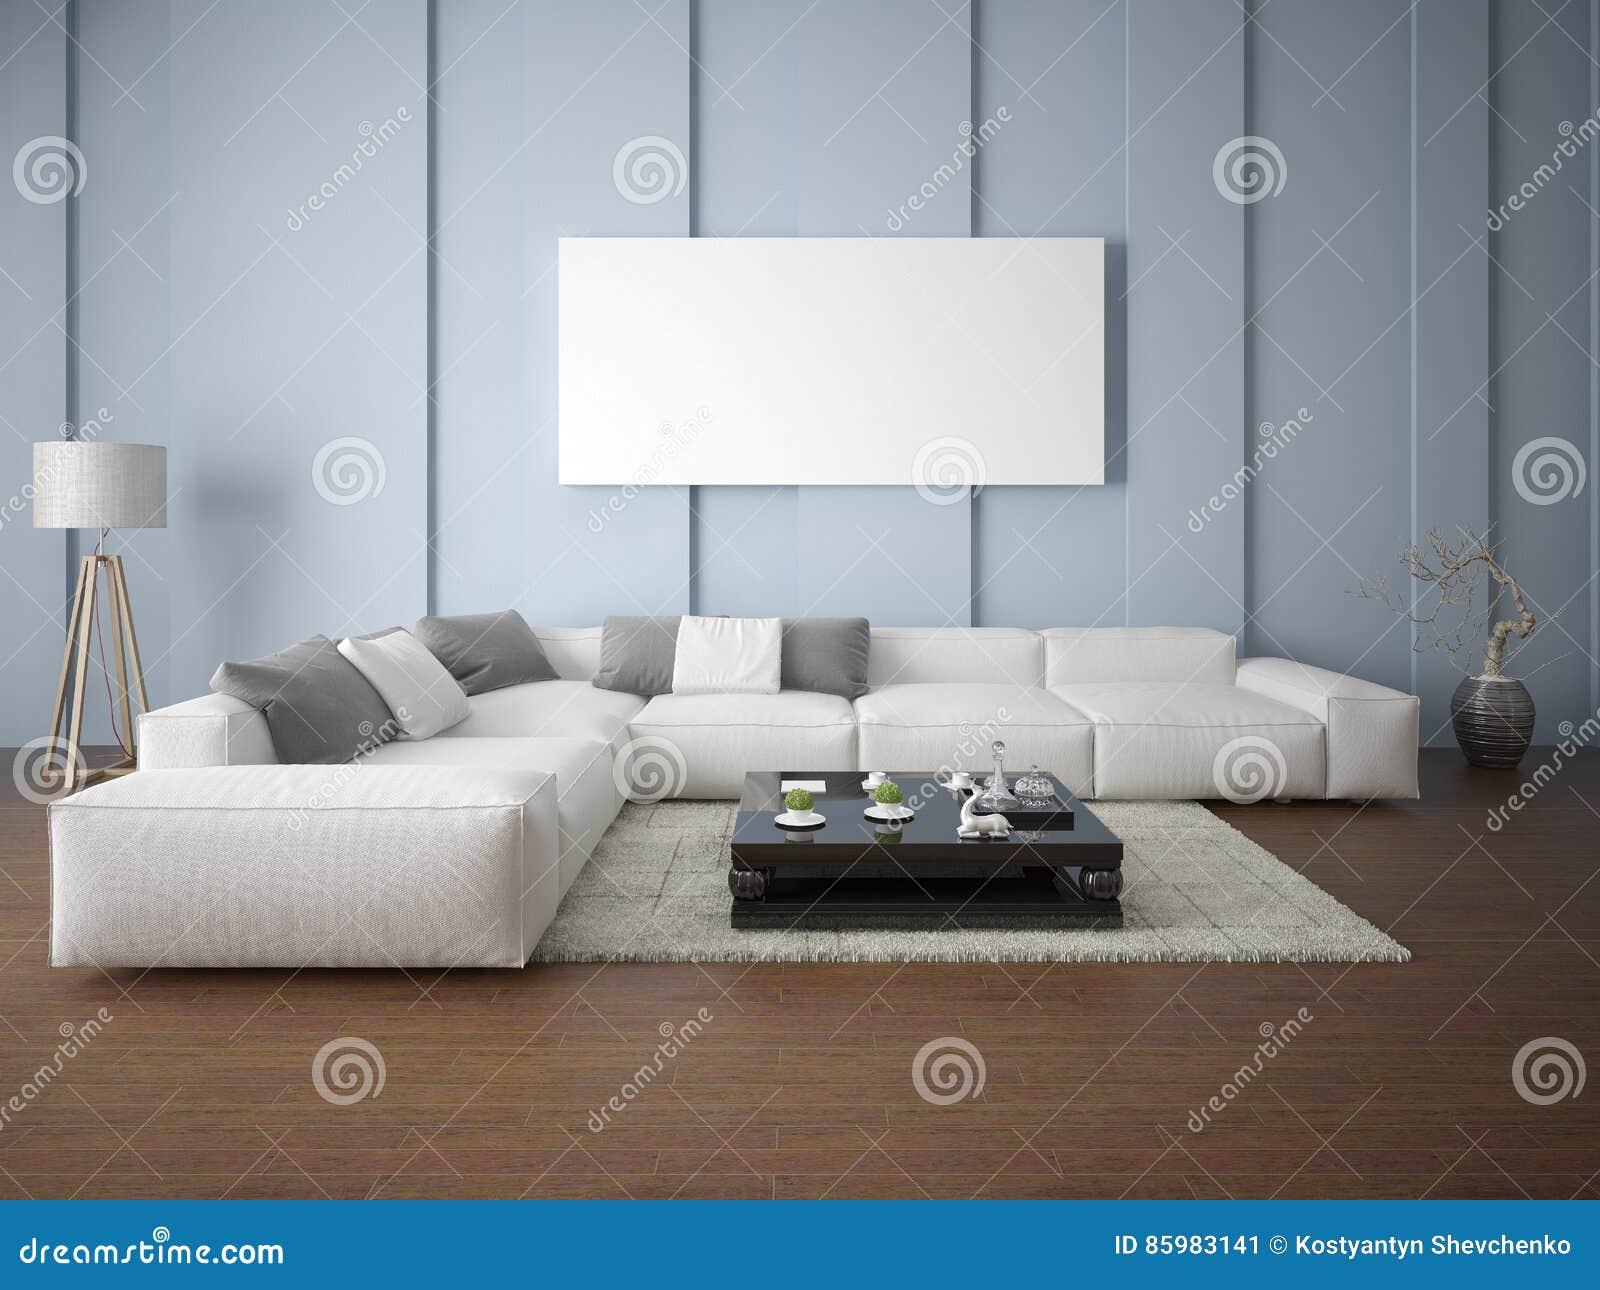 https://thumbs.dreamstime.com/z/spot-omhoog-de-ruime-woonkamer-met-een-grote-comfortabele-hoekbank-85983141.jpg